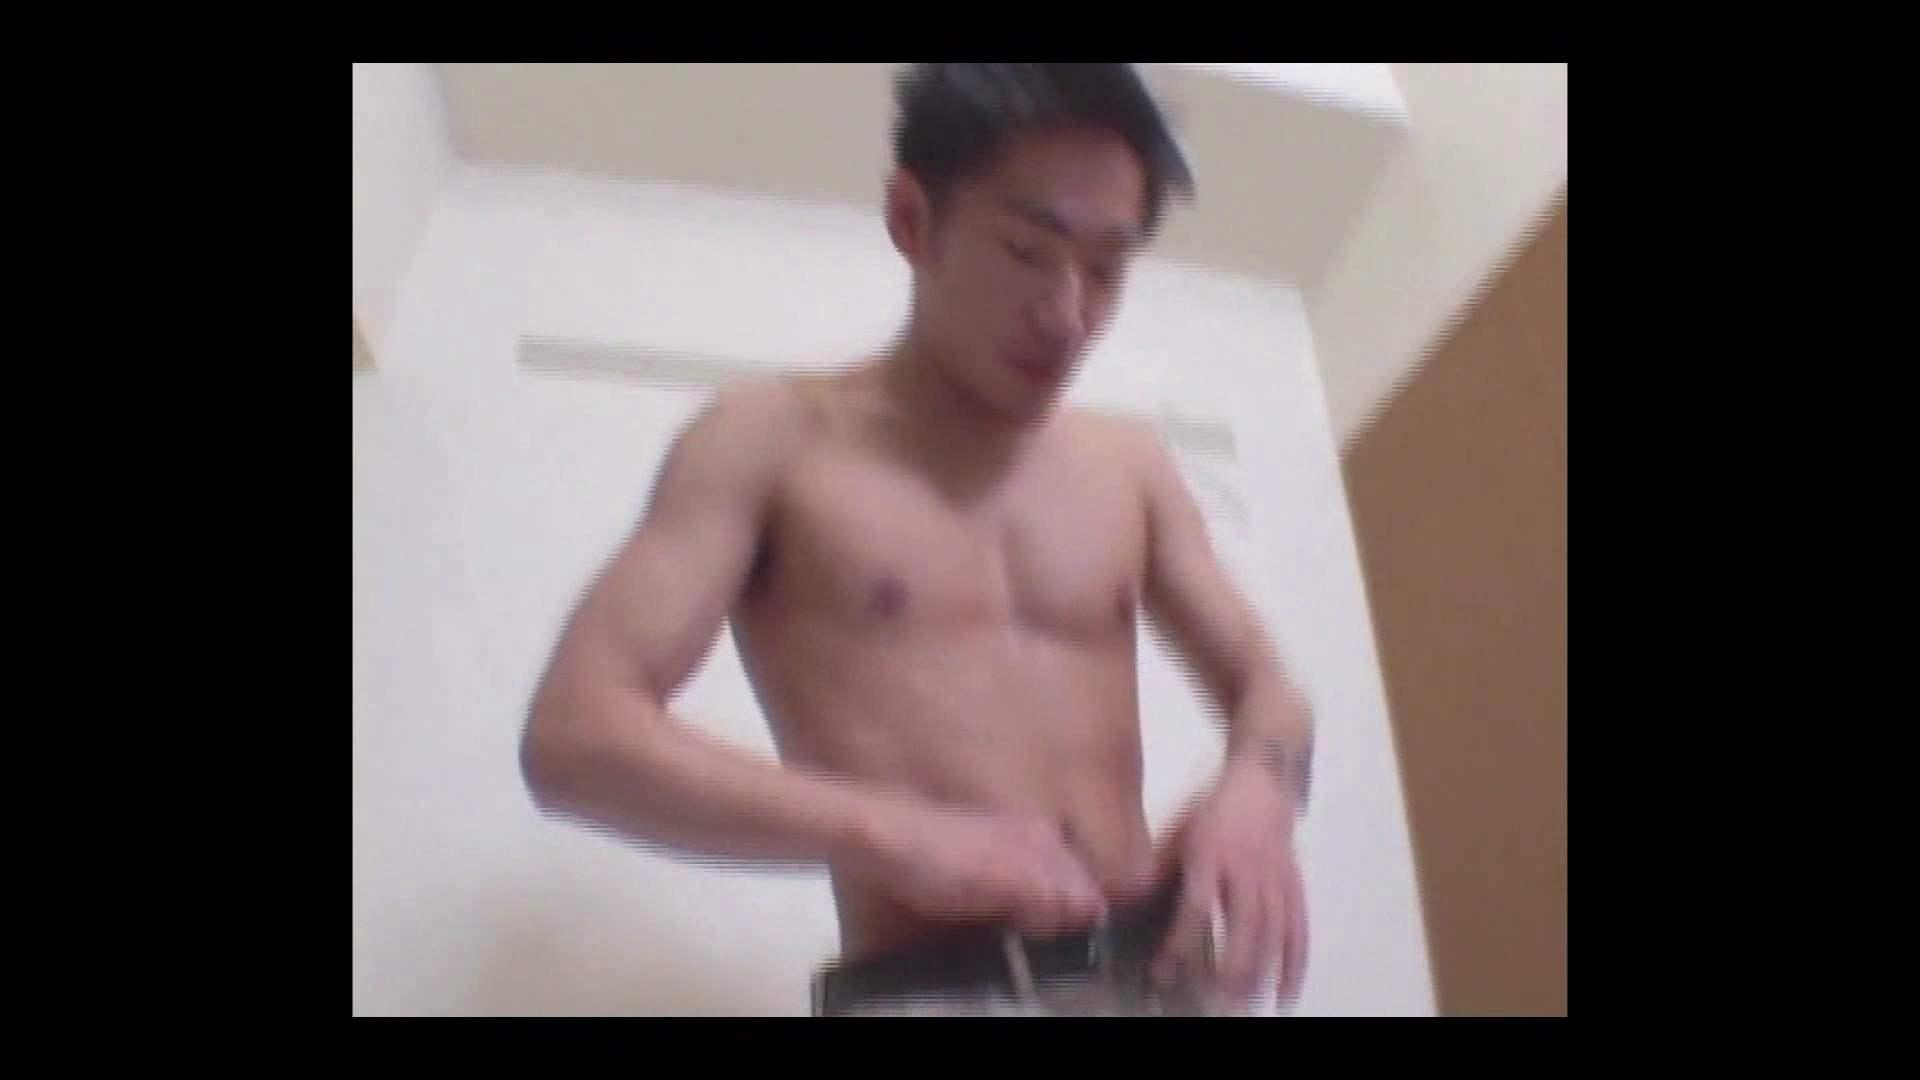 ノンケイケメンの欲望と肉棒 Vol.11 肉にく男子 ゲイ無料エロ画像 65枚 2